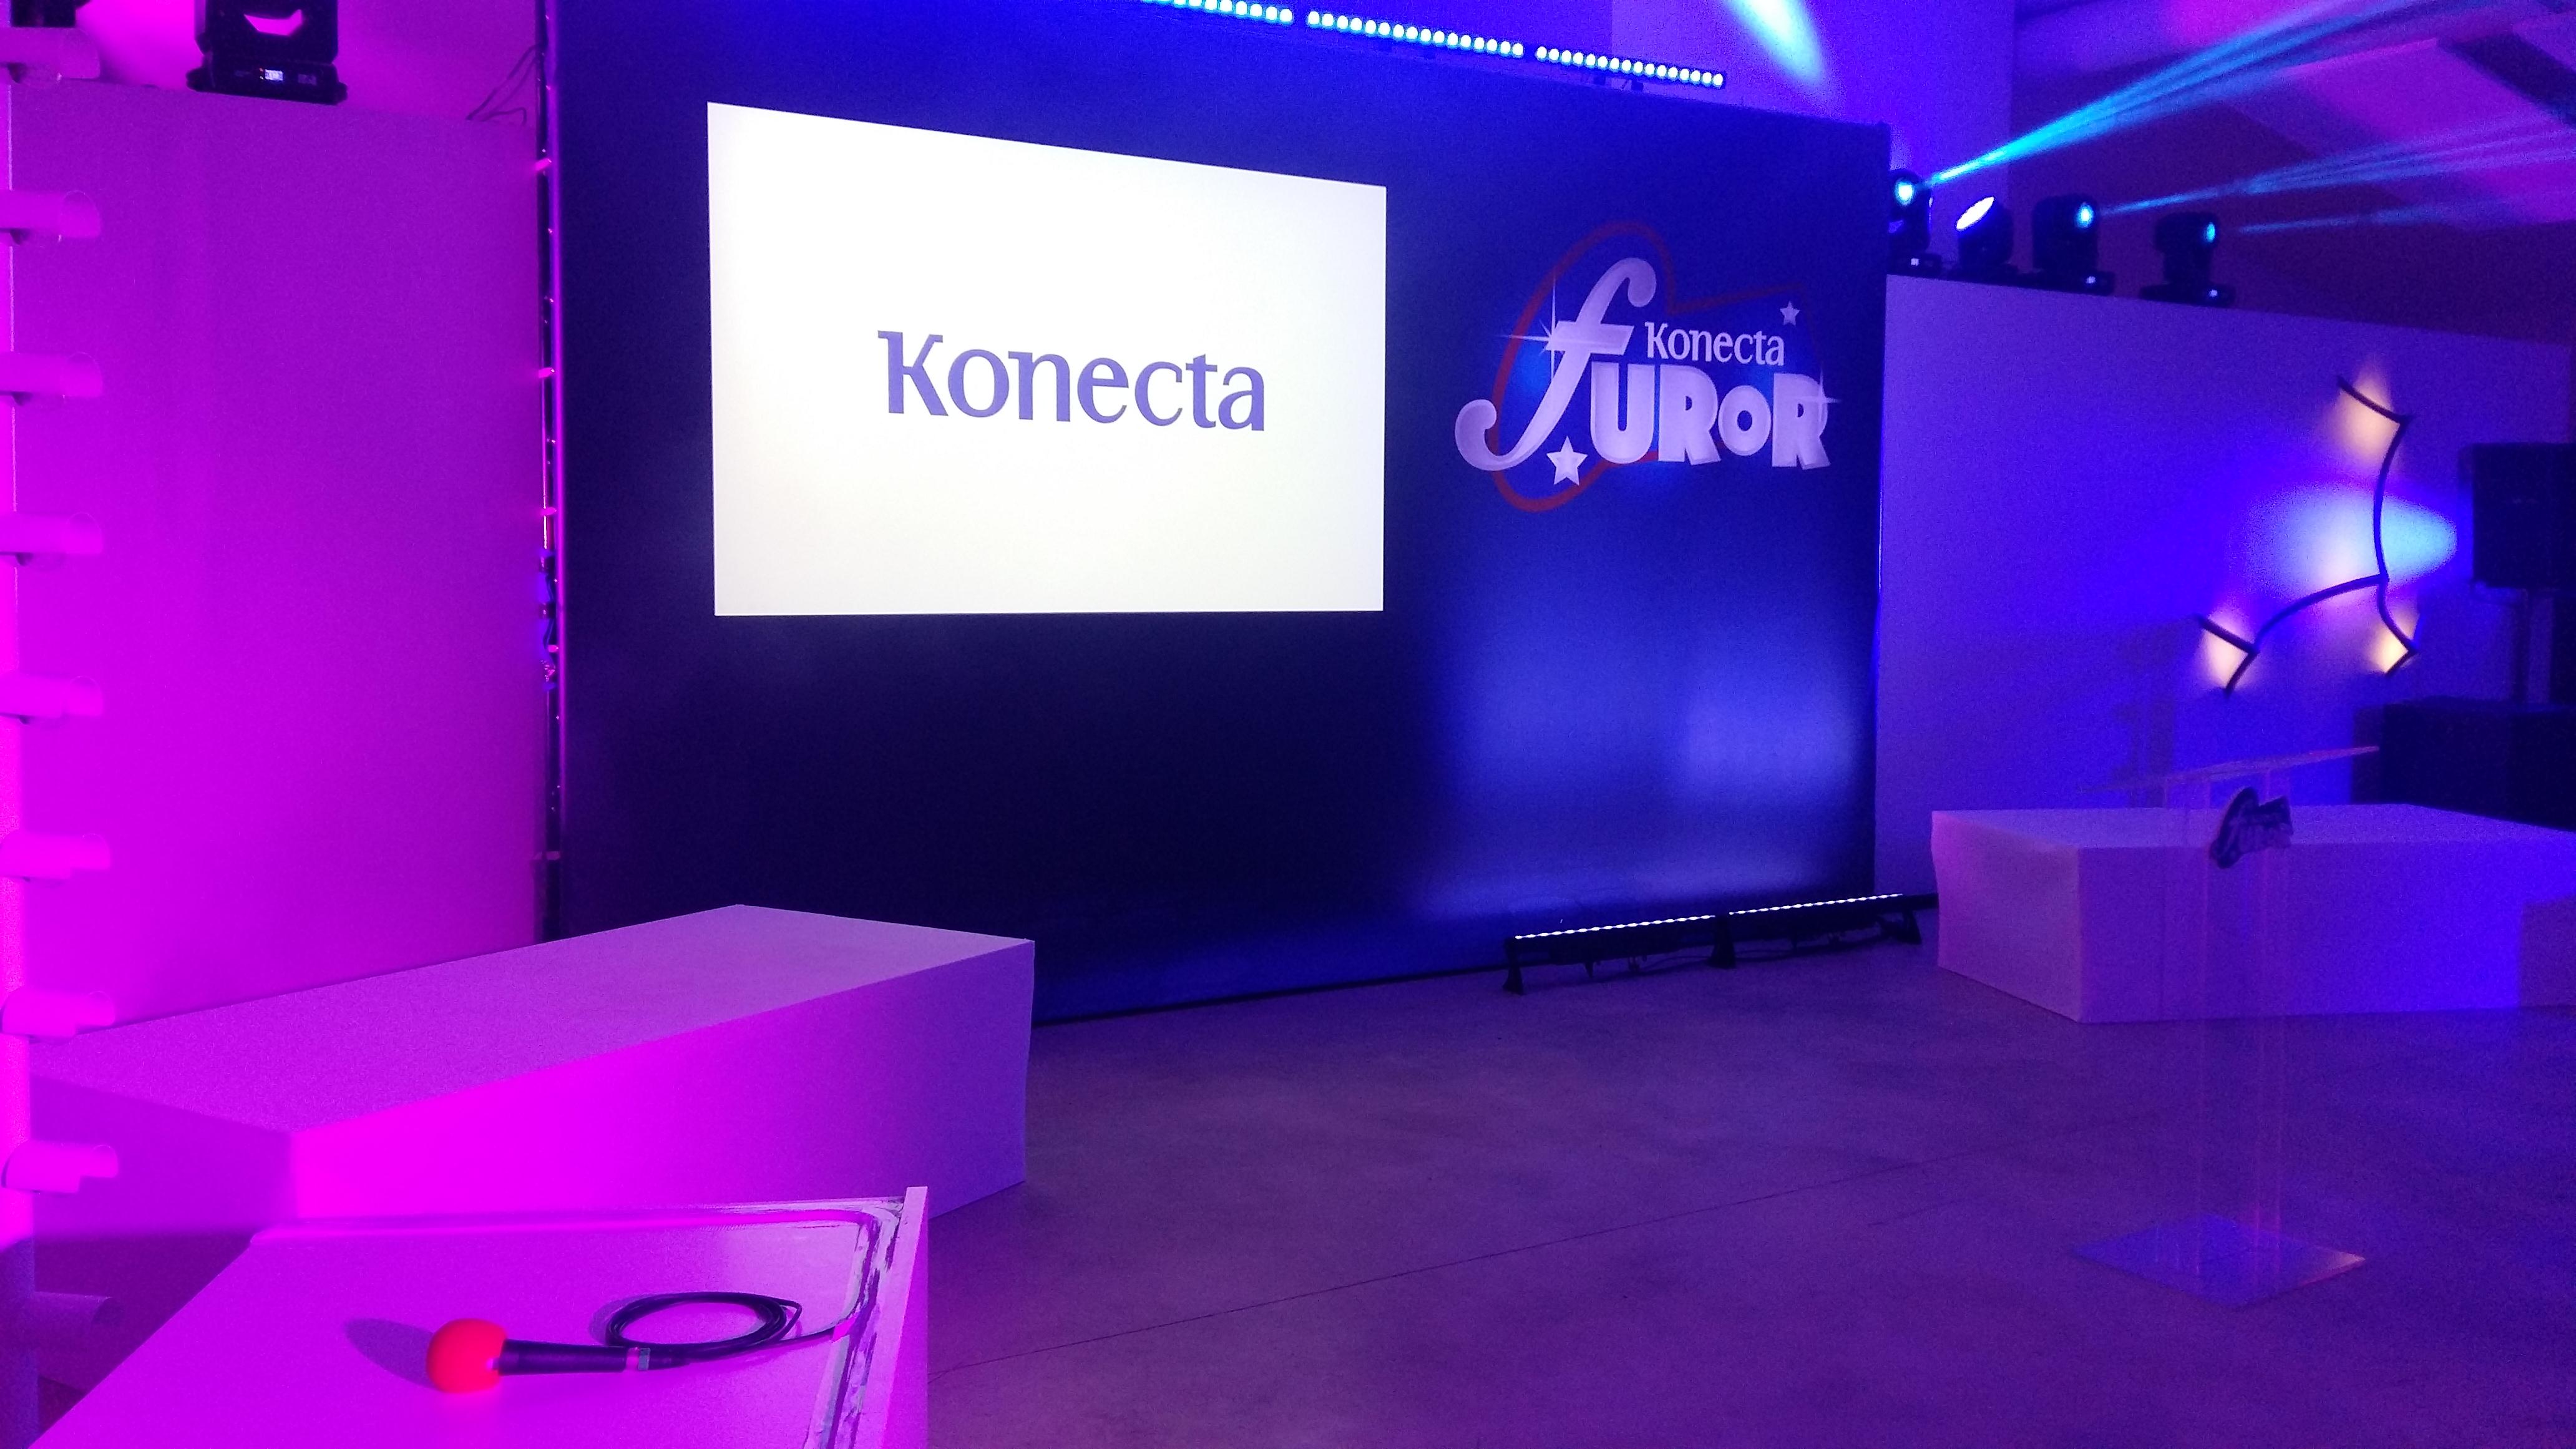 Evento-Konecta-1